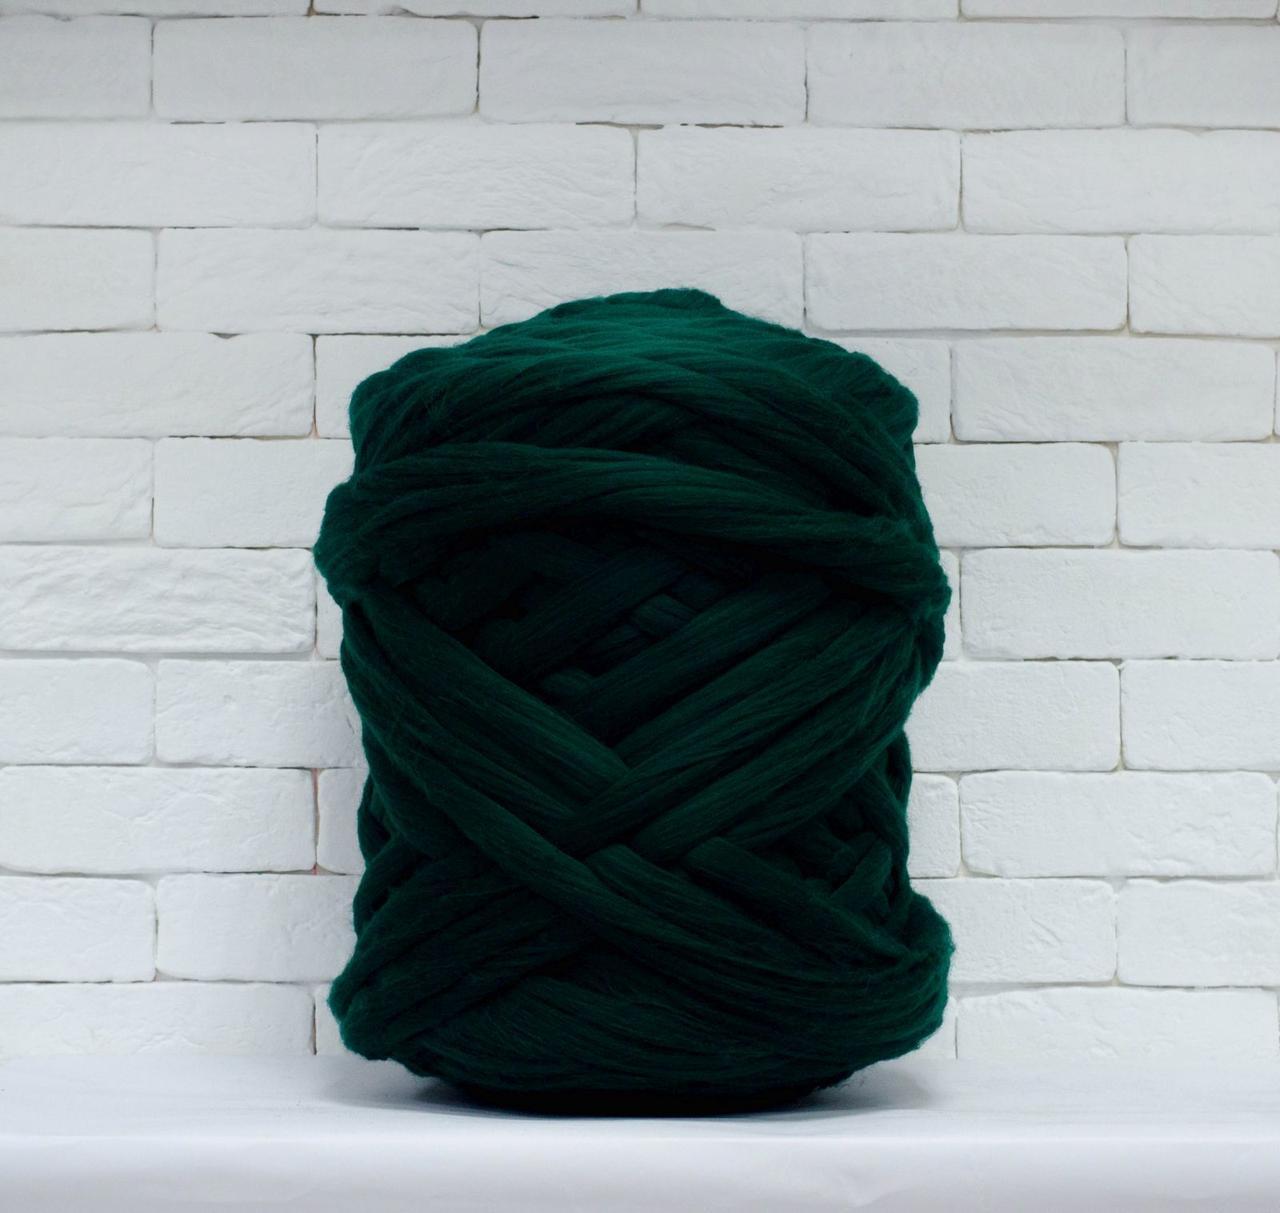 Толстая, крупная пряжа 100% шерсть 1кг (40м). Цвет: Темно-зеленый. 28 мкрн. Топс. Лента для пледов